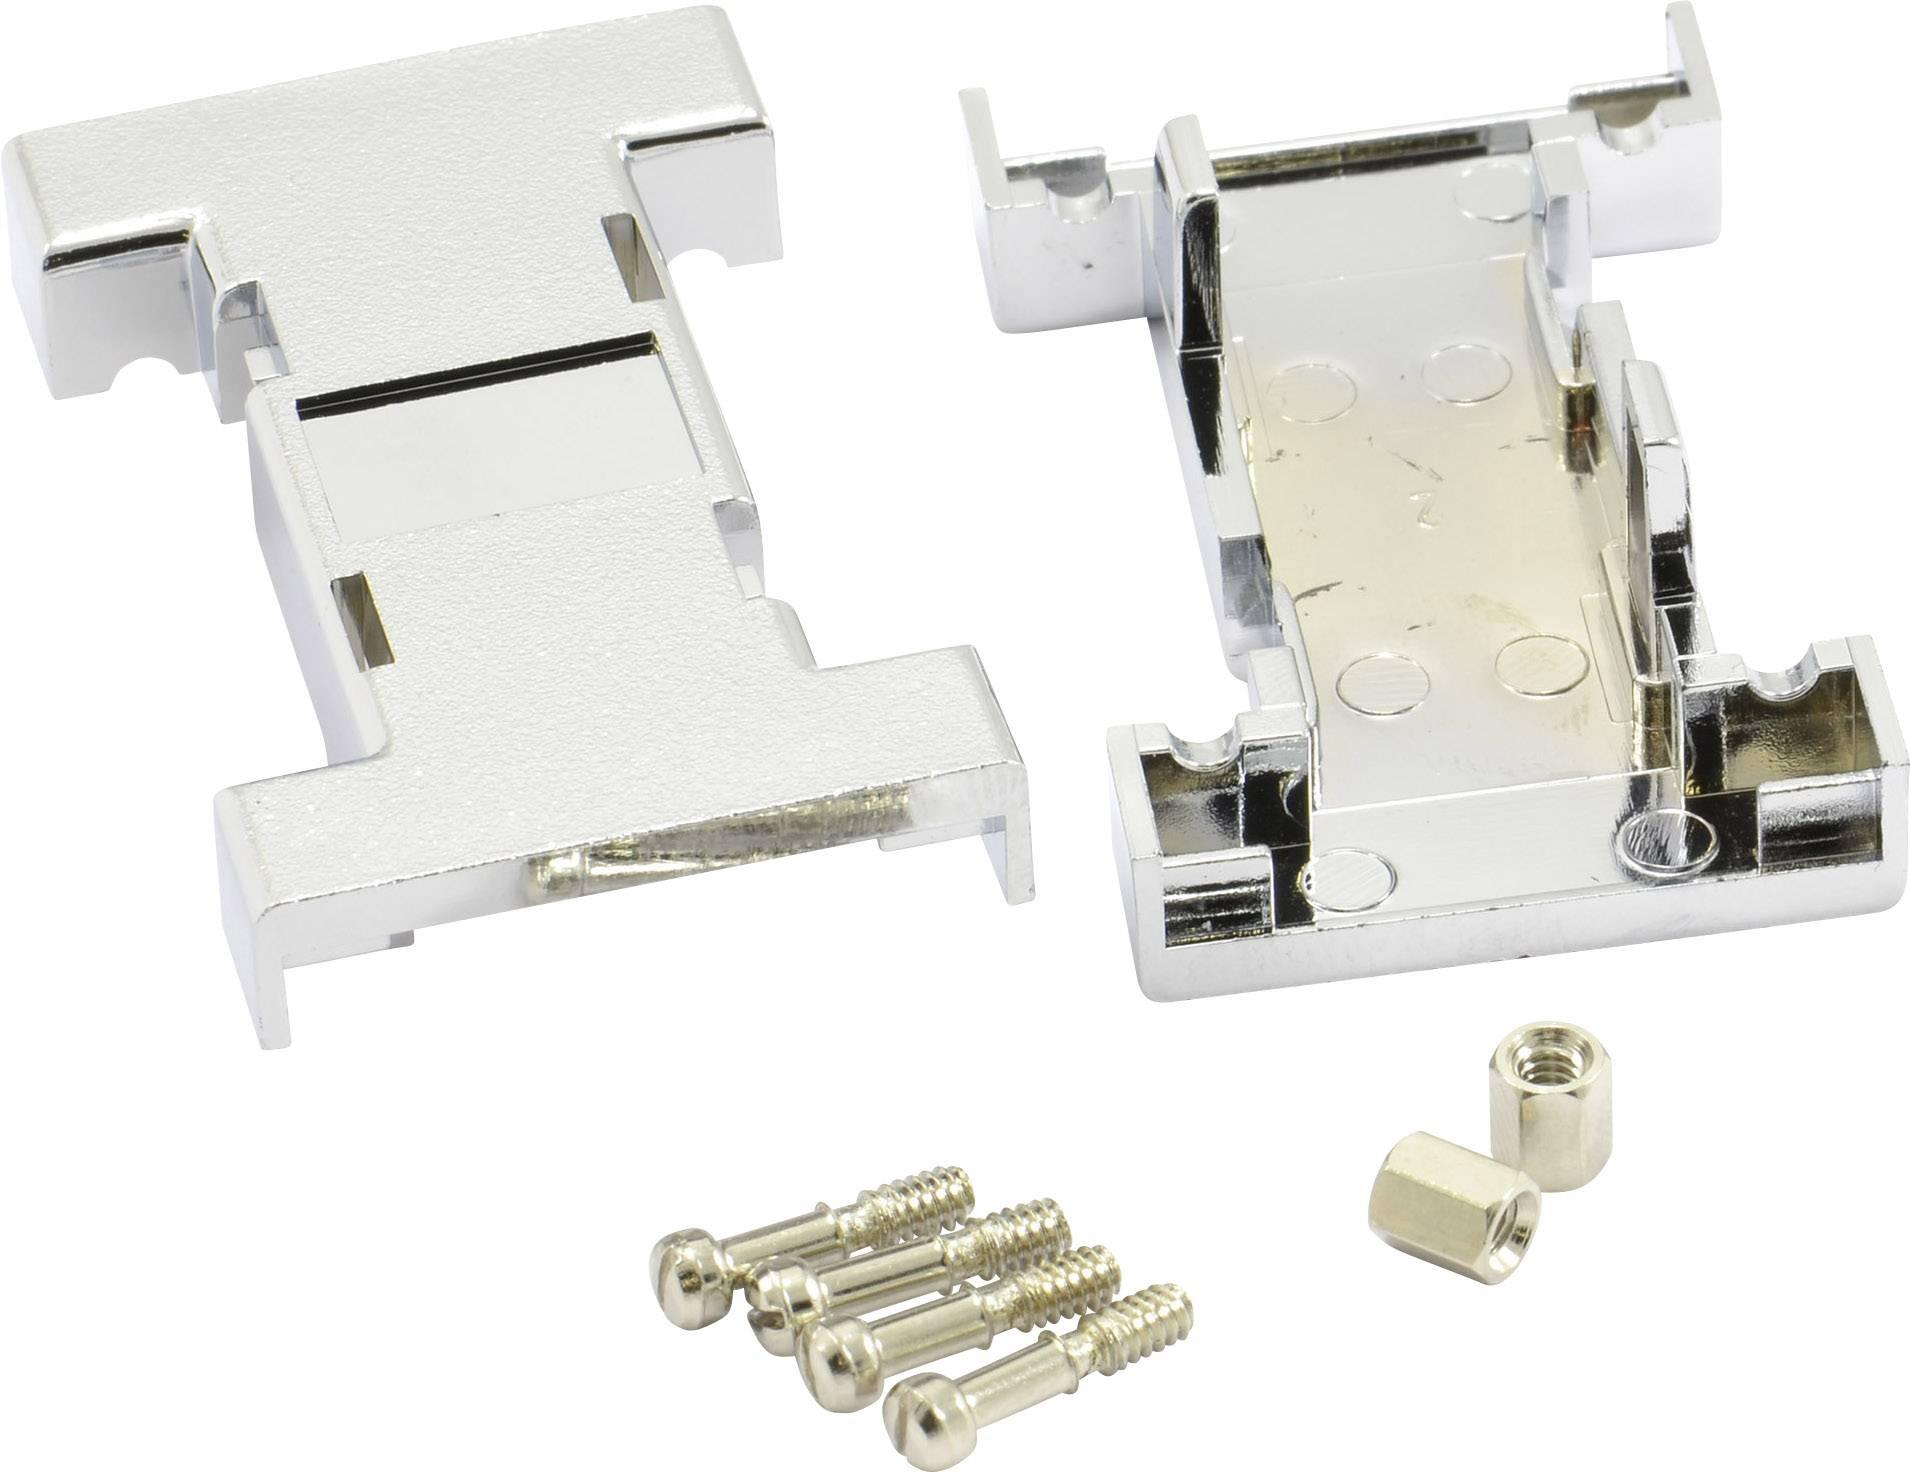 D-SUB púzdro adaptéra BKL Electronic počet pinov: 9, 9, plast, pokovaný, 180 °, strieborná, 1 ks